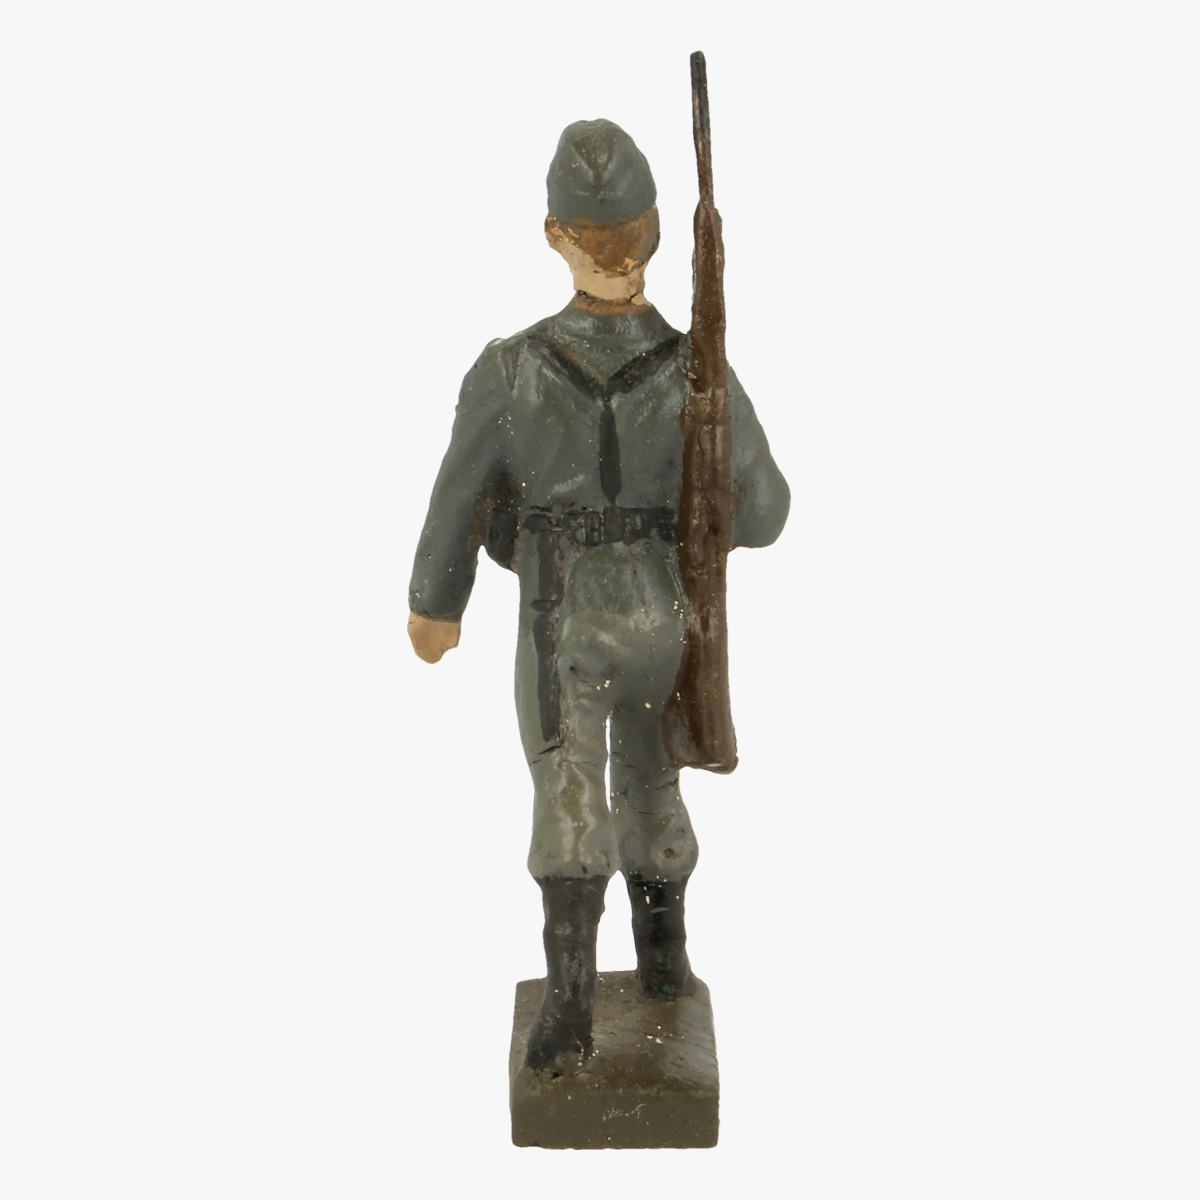 Afbeeldingen van elastolin soldaatje lineol Germany